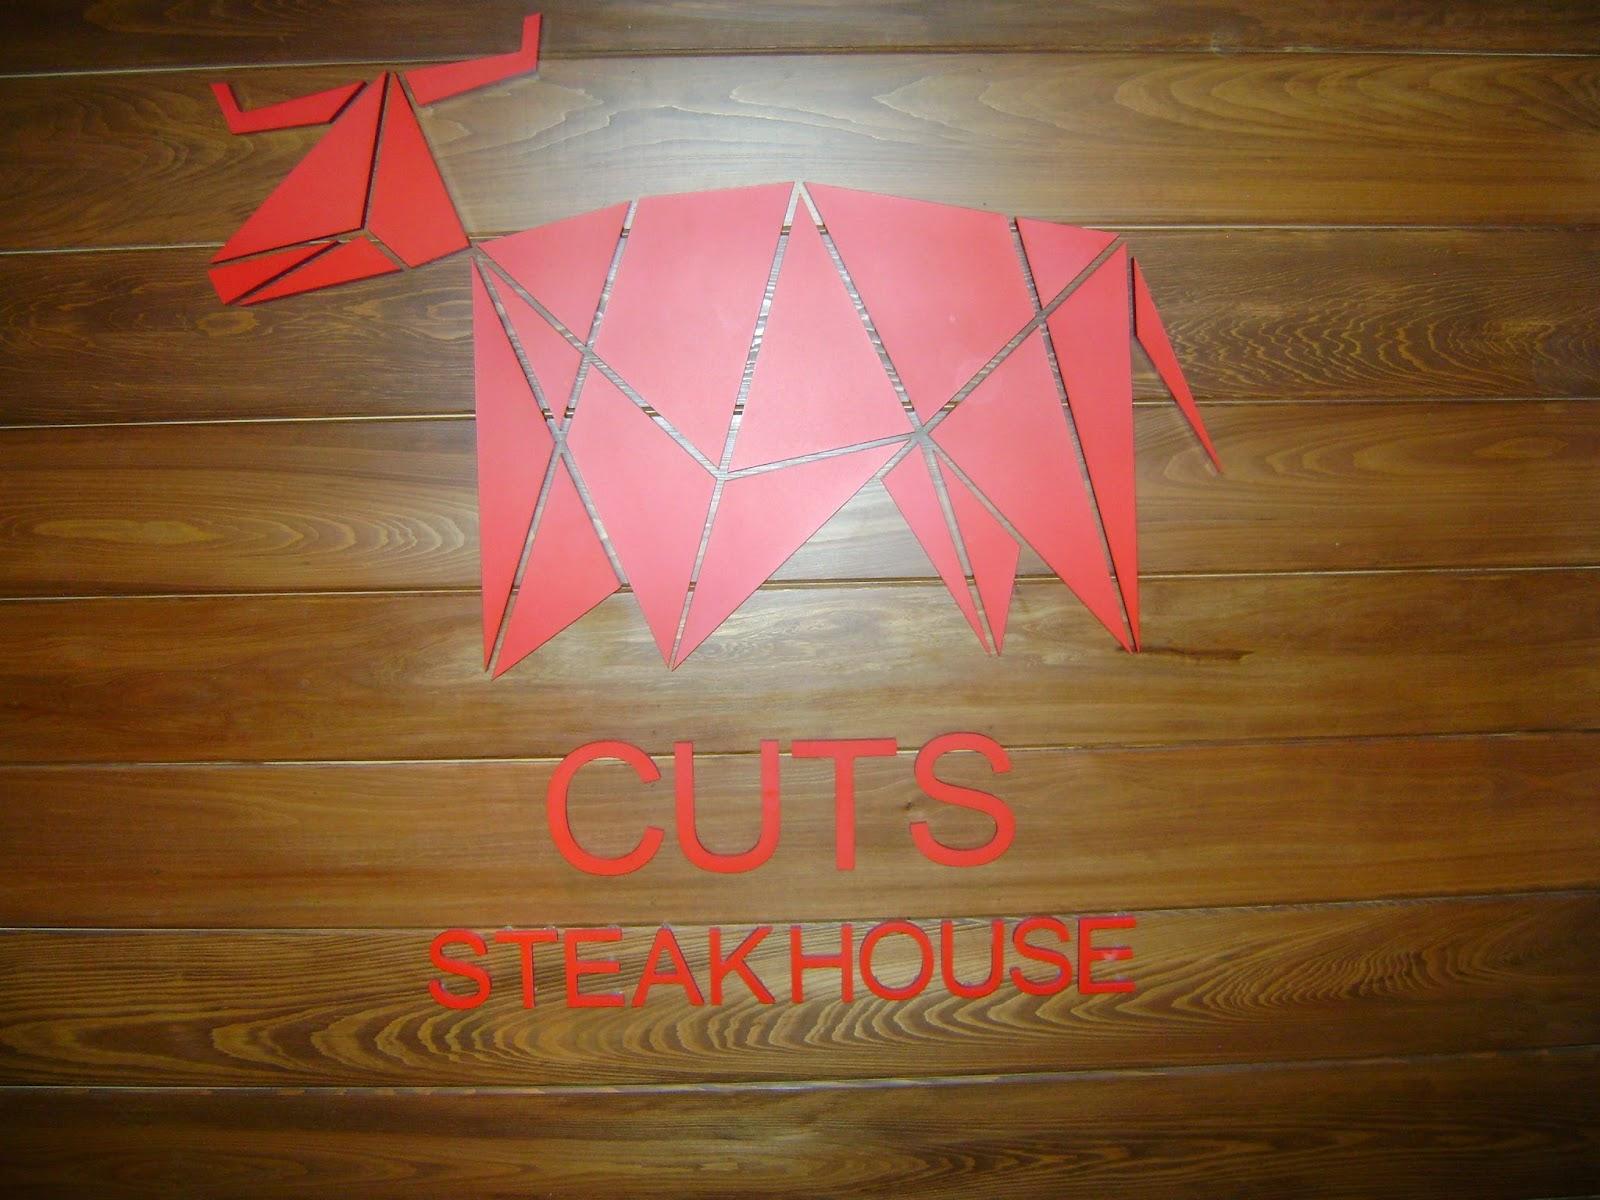 CUTS STEAK HOUSE, ATLANTA